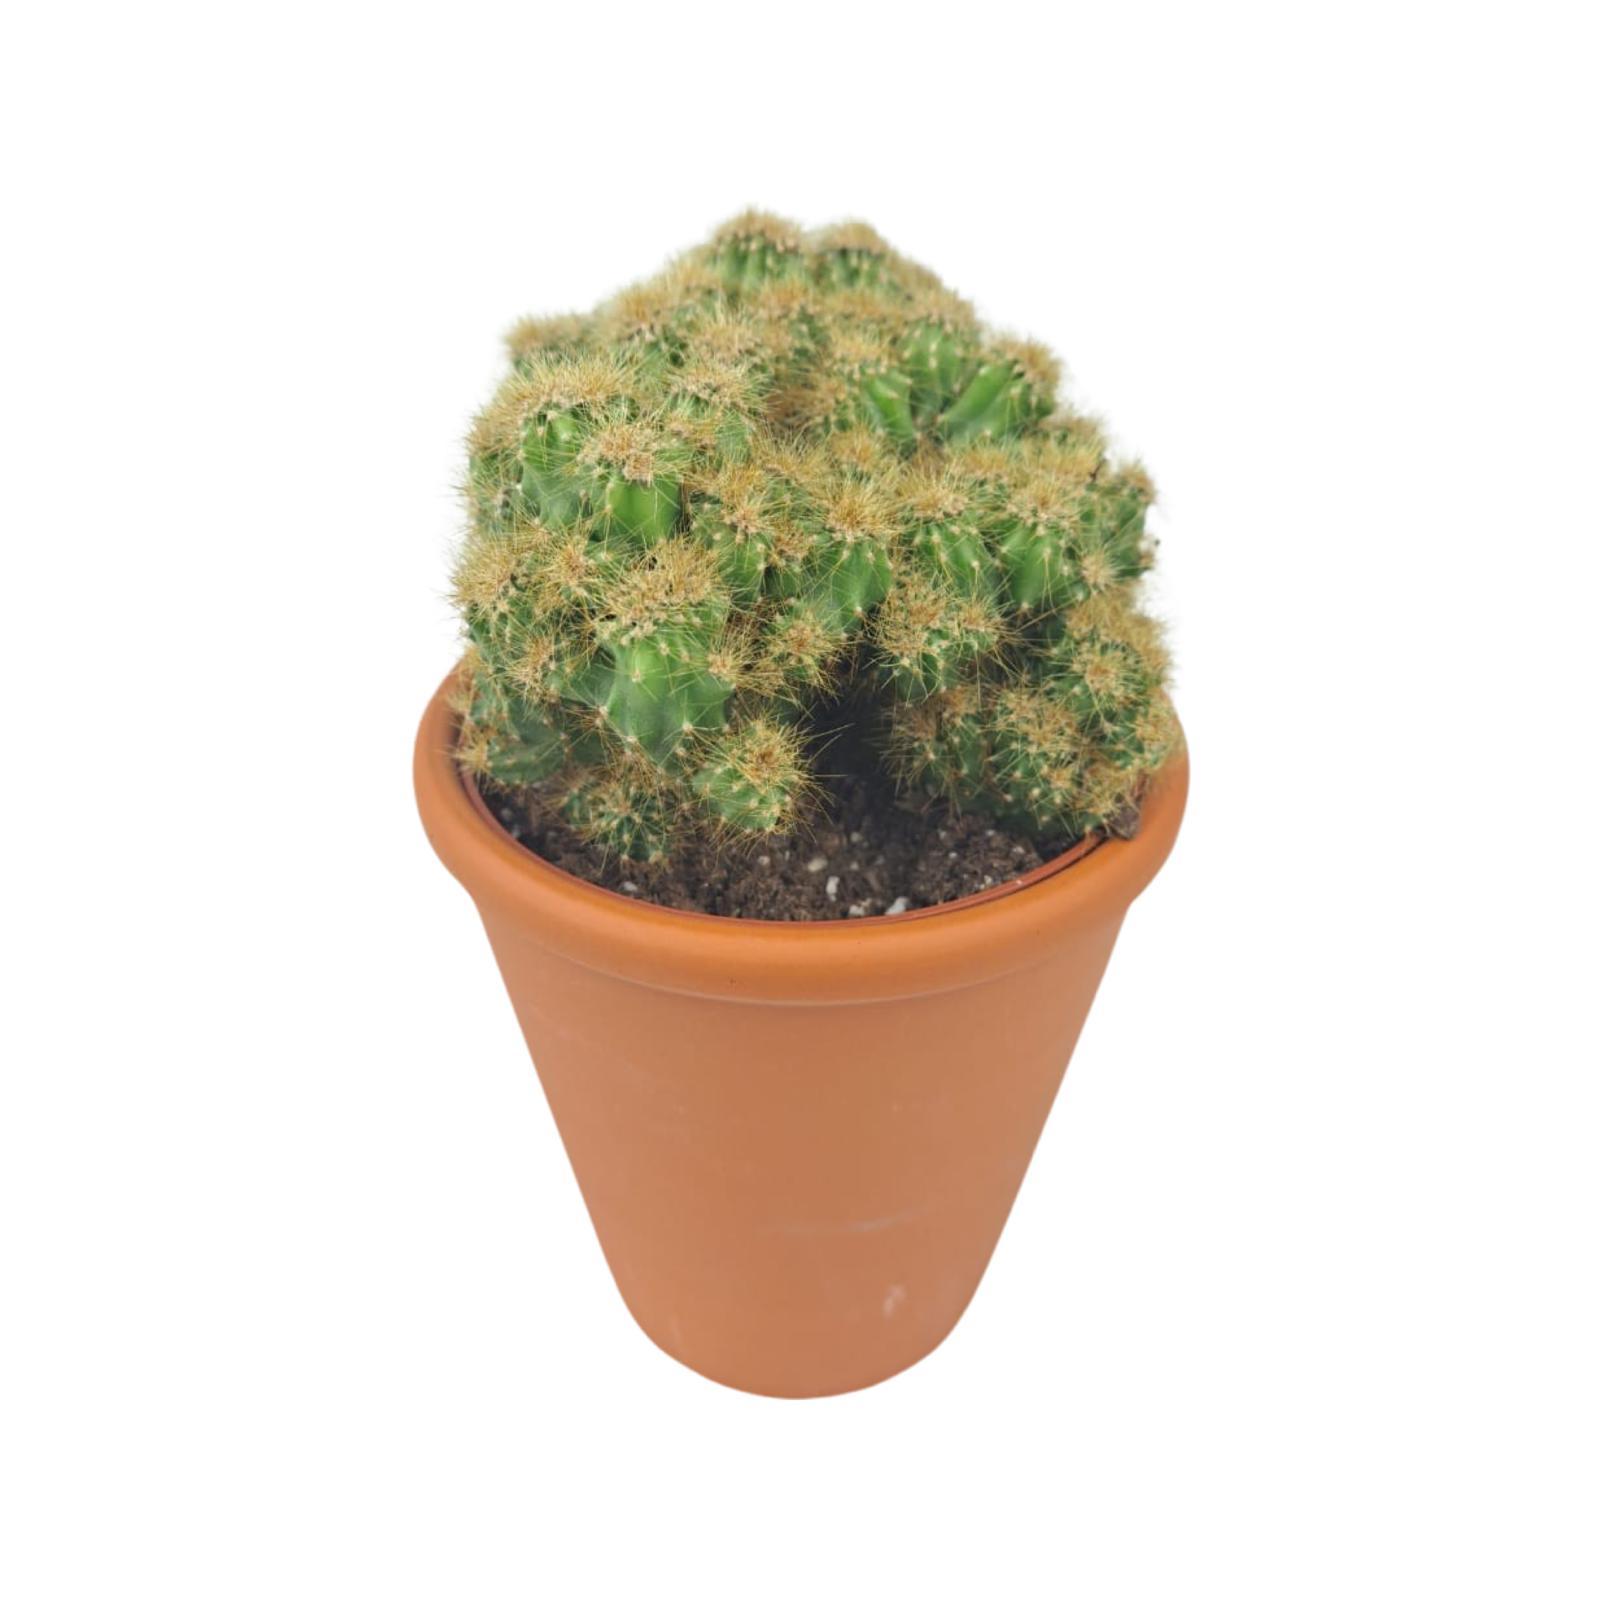 Cactus Mix Wholesale Plants